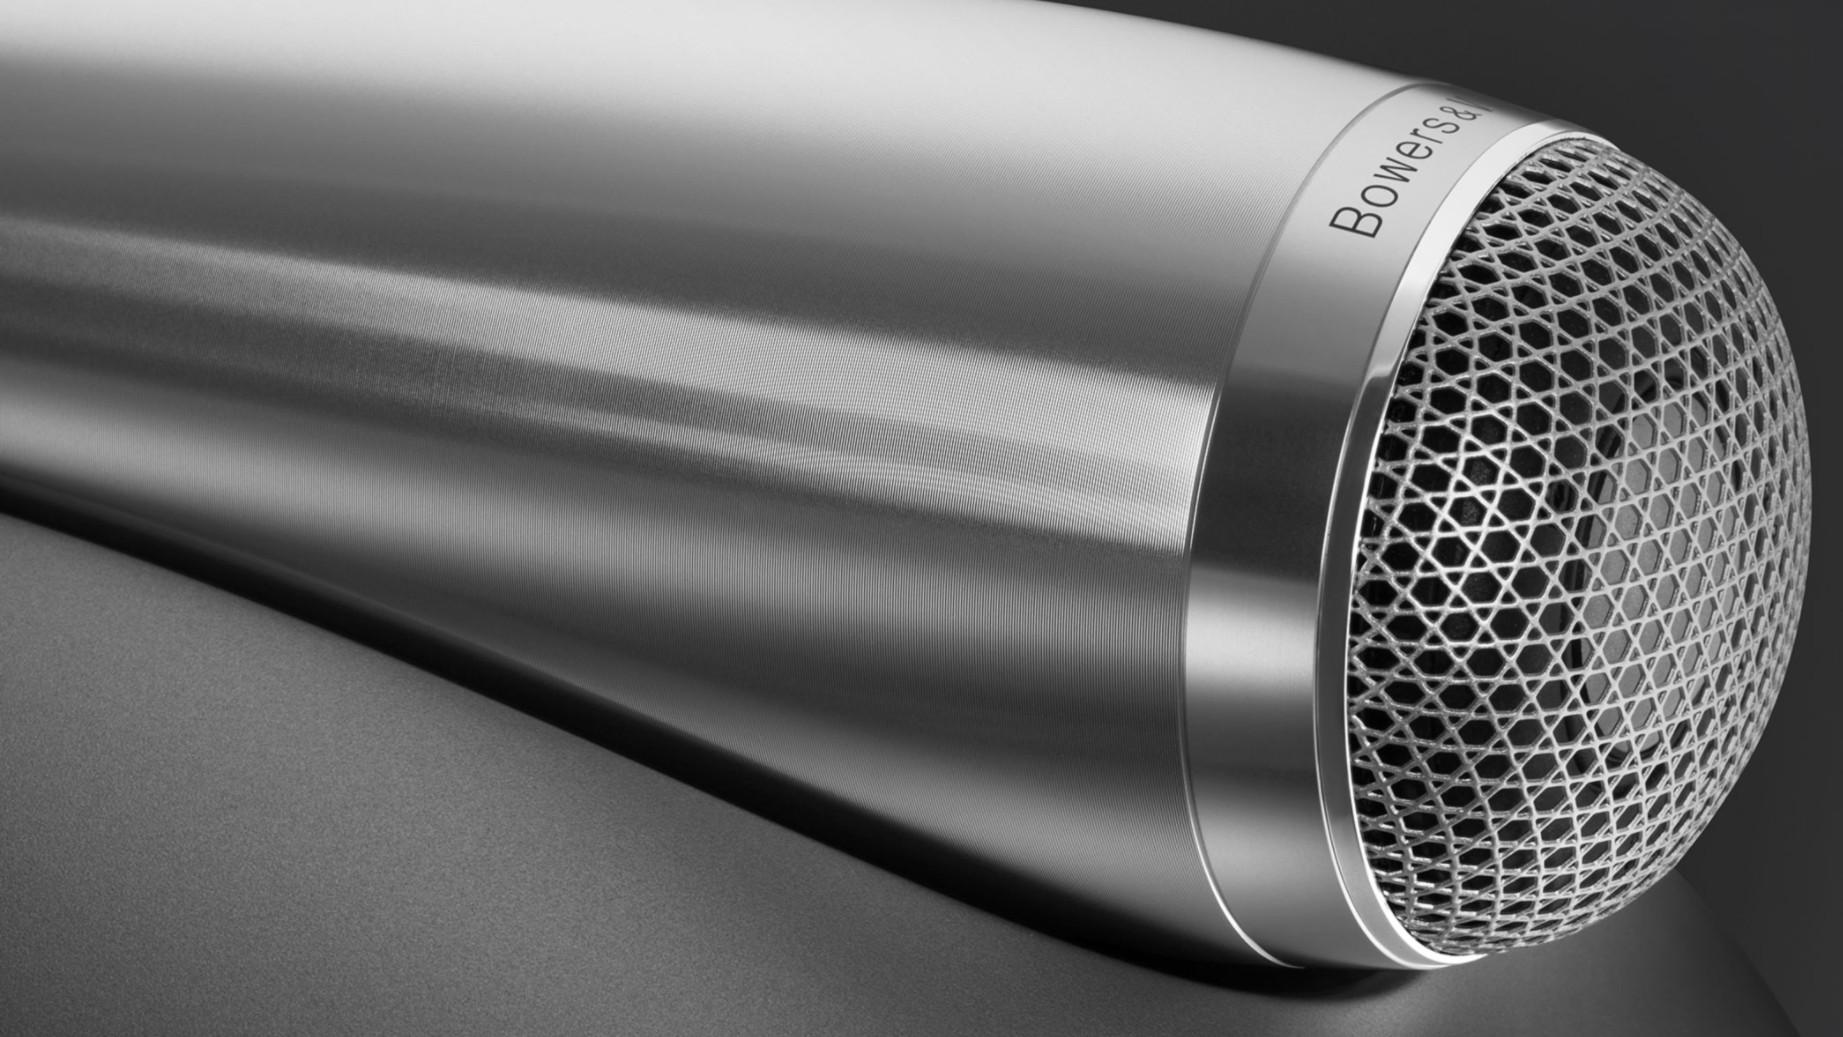 Bowers & Wilkins 800 Series Diamond Close Up